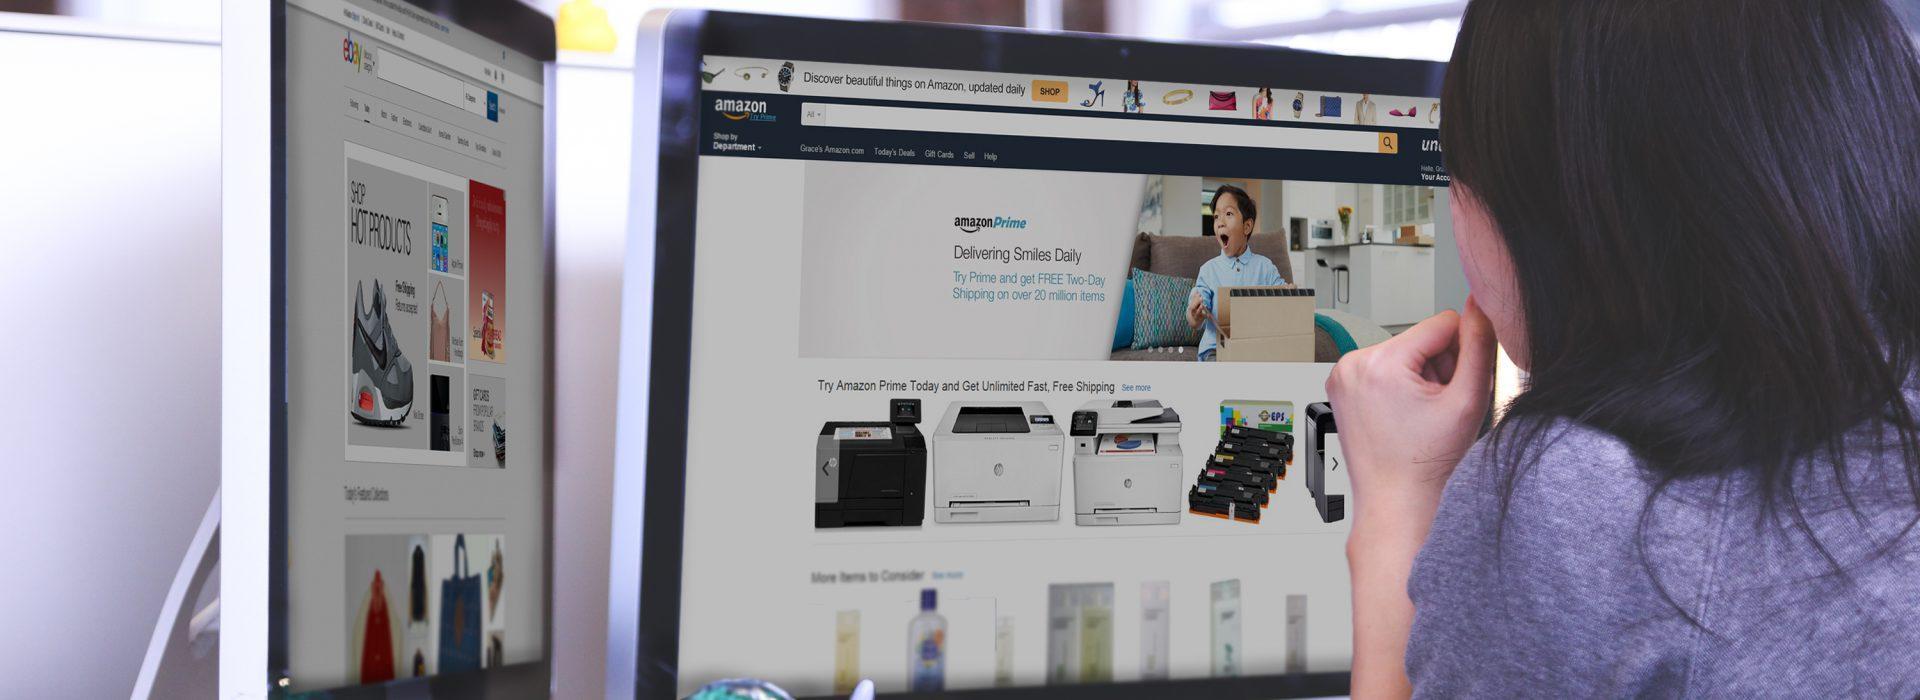 Co sprzedawać w Internecie, co najlepiej się sprzedaje, co sprzedawać w sklepie internetowym? Jak odnieść sukces w e-biznesie?